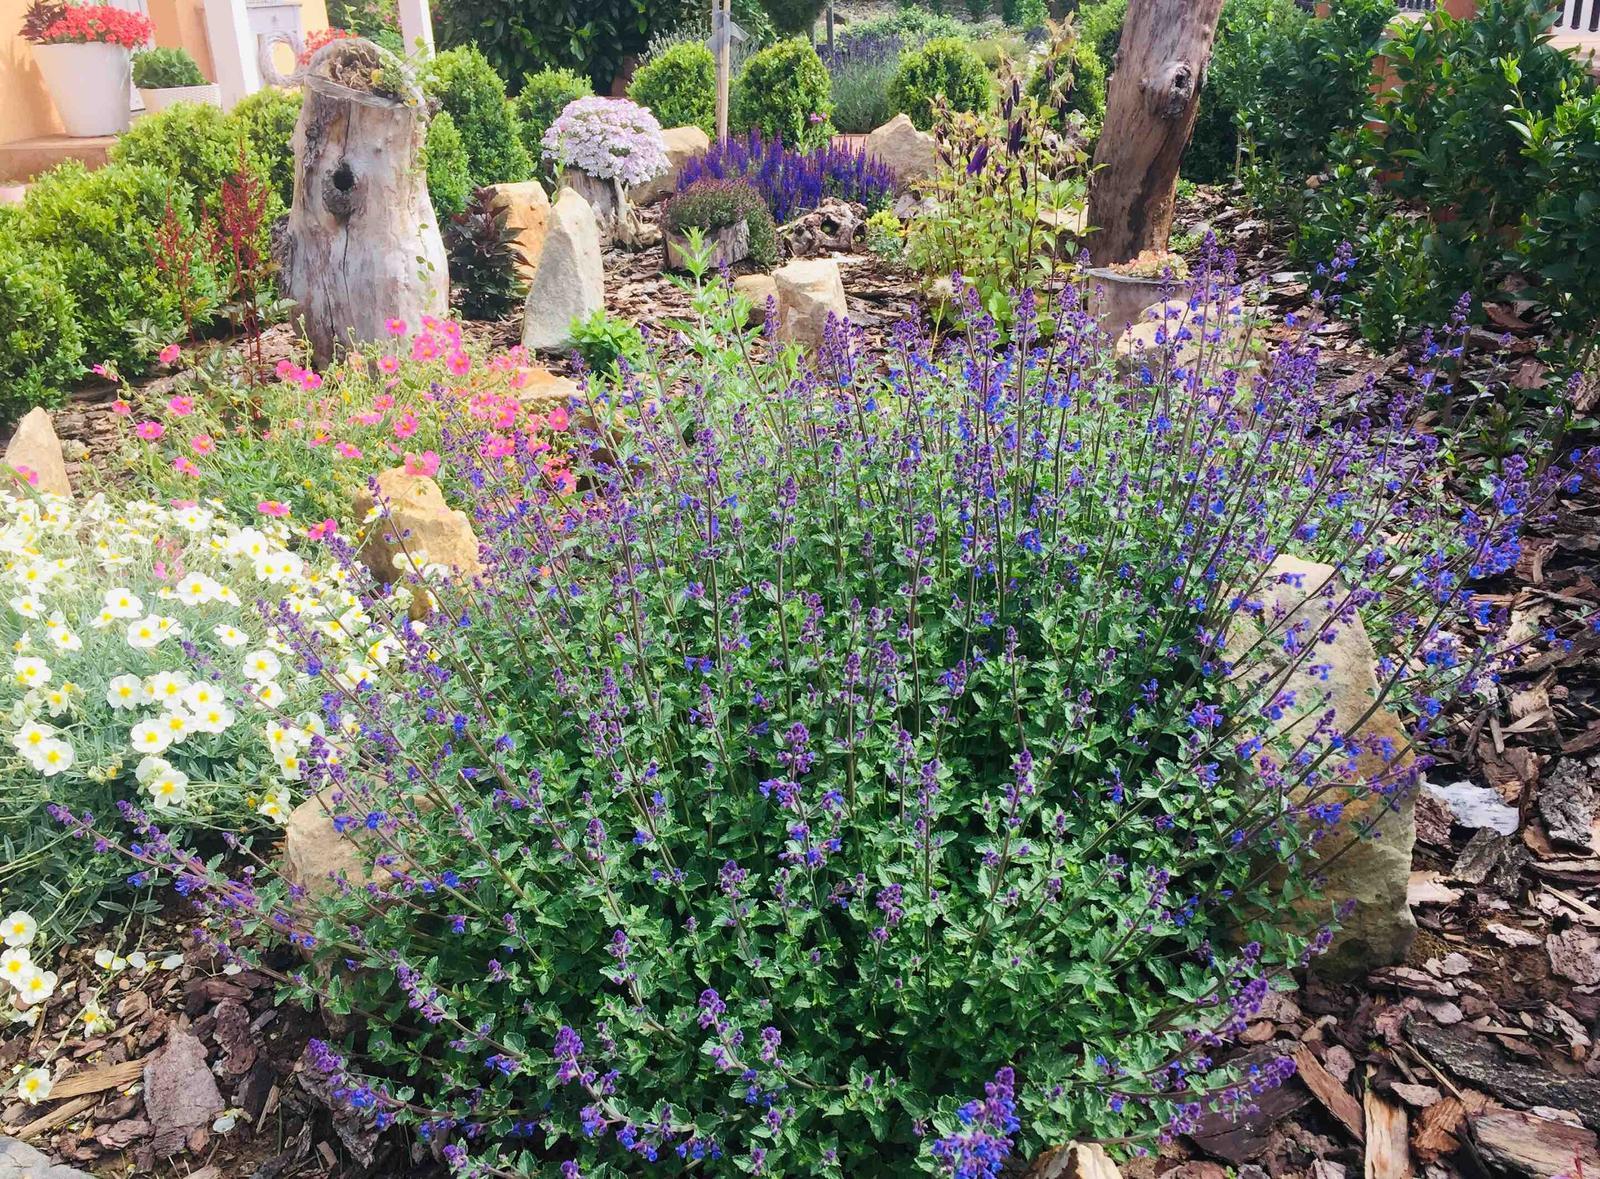 Naše barevná zahrada 🌸 rok 2020 - Šanta se tedy pěkně rozjela, zasazená loni v září, takové dvě mini rostlinky to byly 🙉